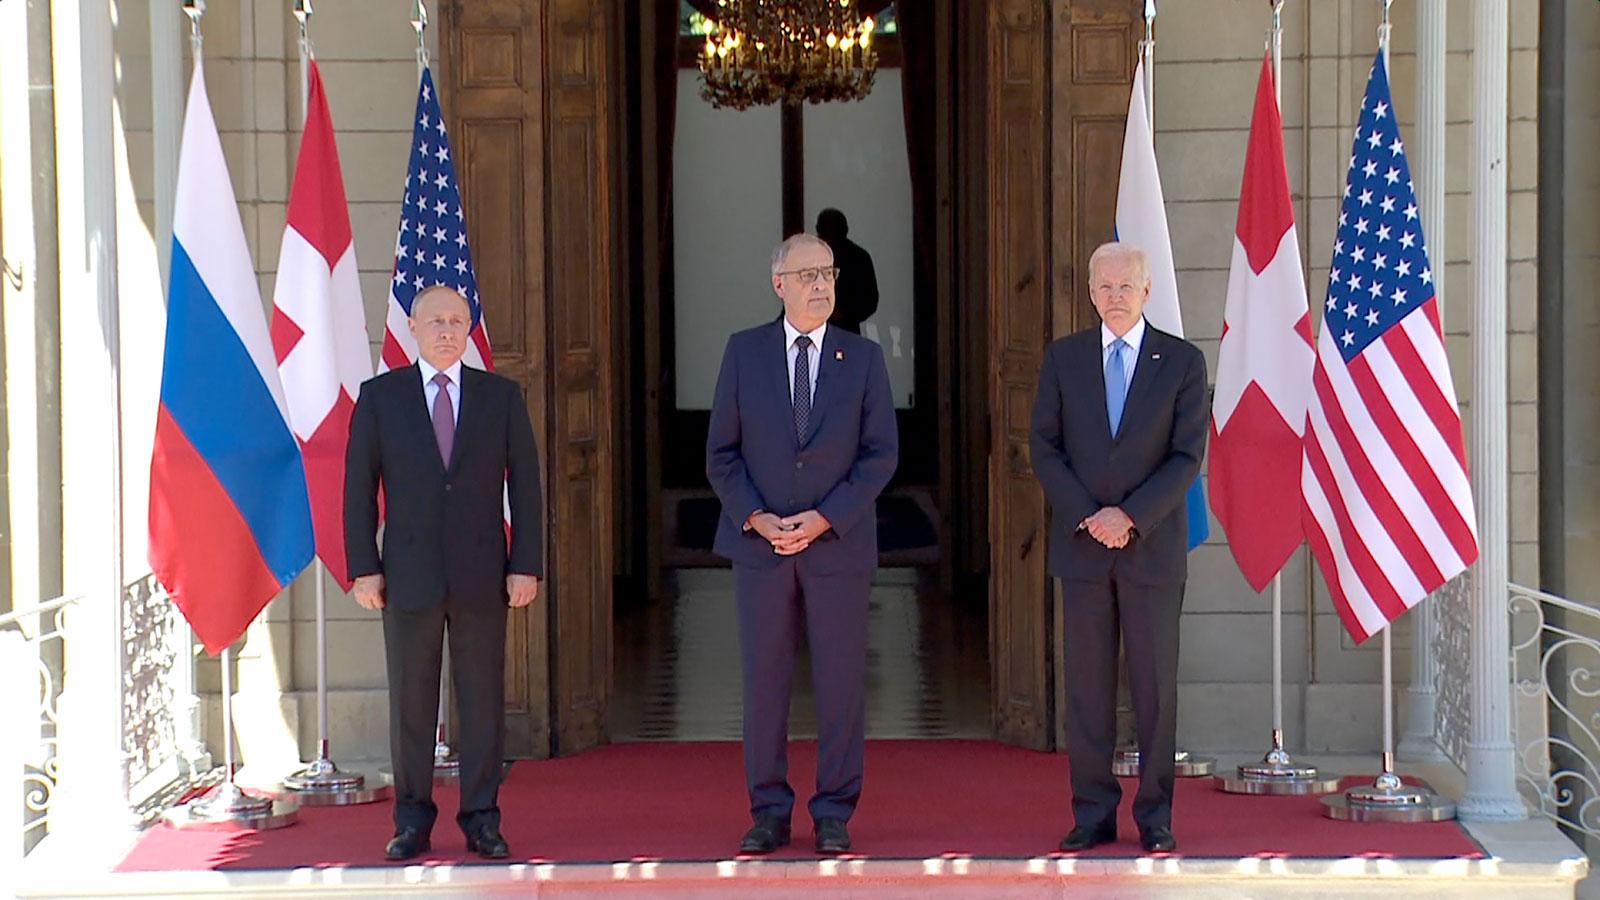 Tổng thống Putin (trái), Tổng thống Thụy SĩGuy Parmelin (giữa) và Tổng thống Biden bên ngoài biệt thự Villa La Grange ngày 16/6. Ảnh:AFP.